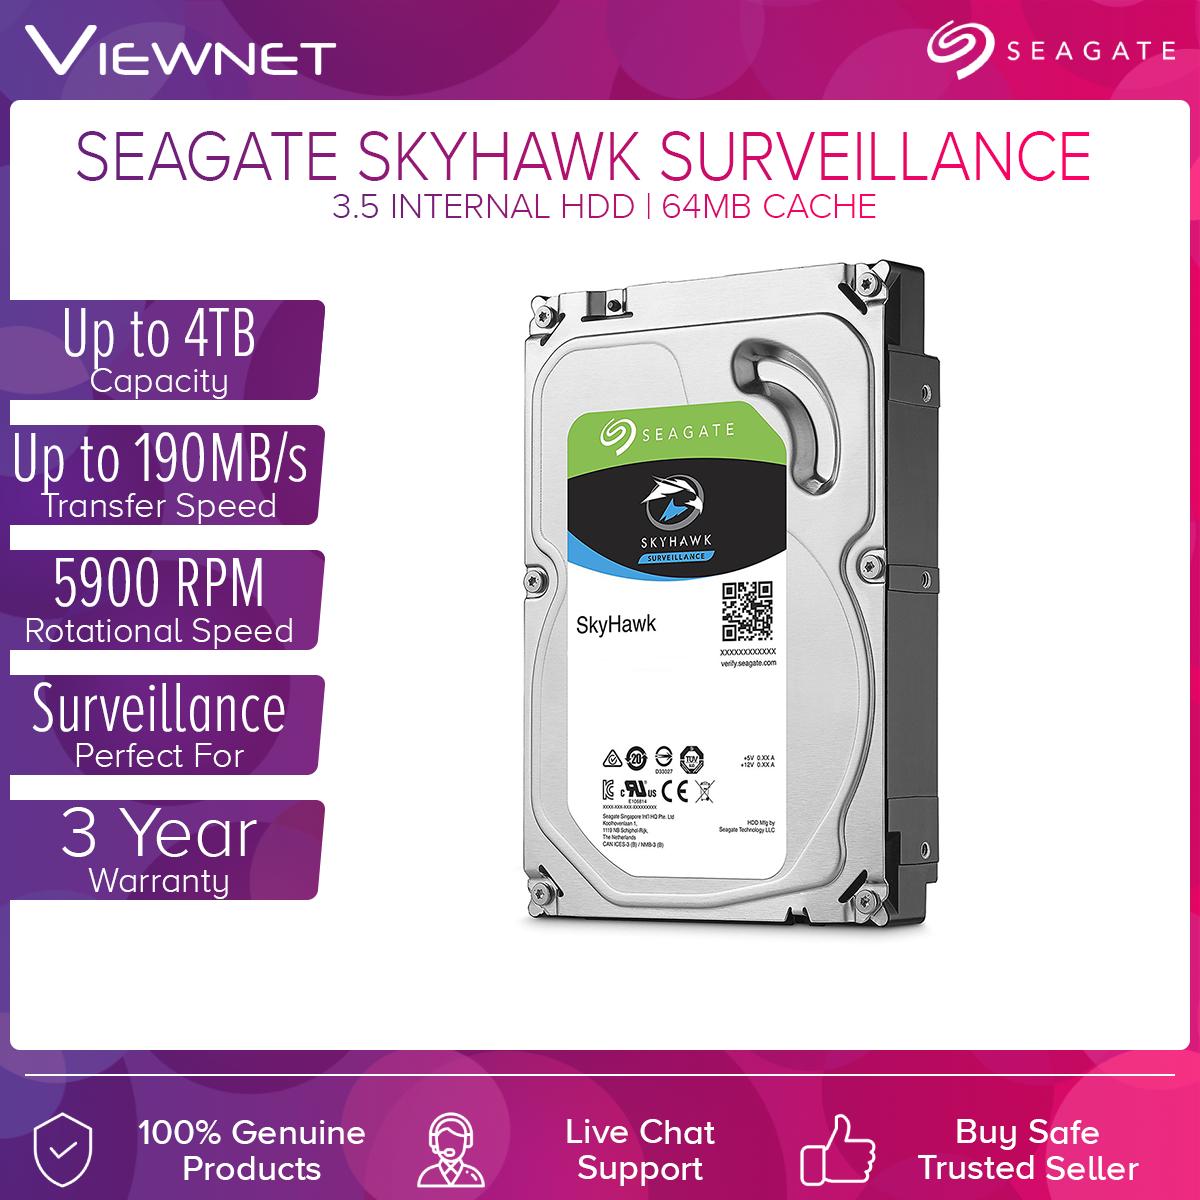 Seagate SkyHawk 1TB/2TB/3TB/4TB Surveillance Hard Drive - SATA 6Gb/s 64MB Cache 3.5